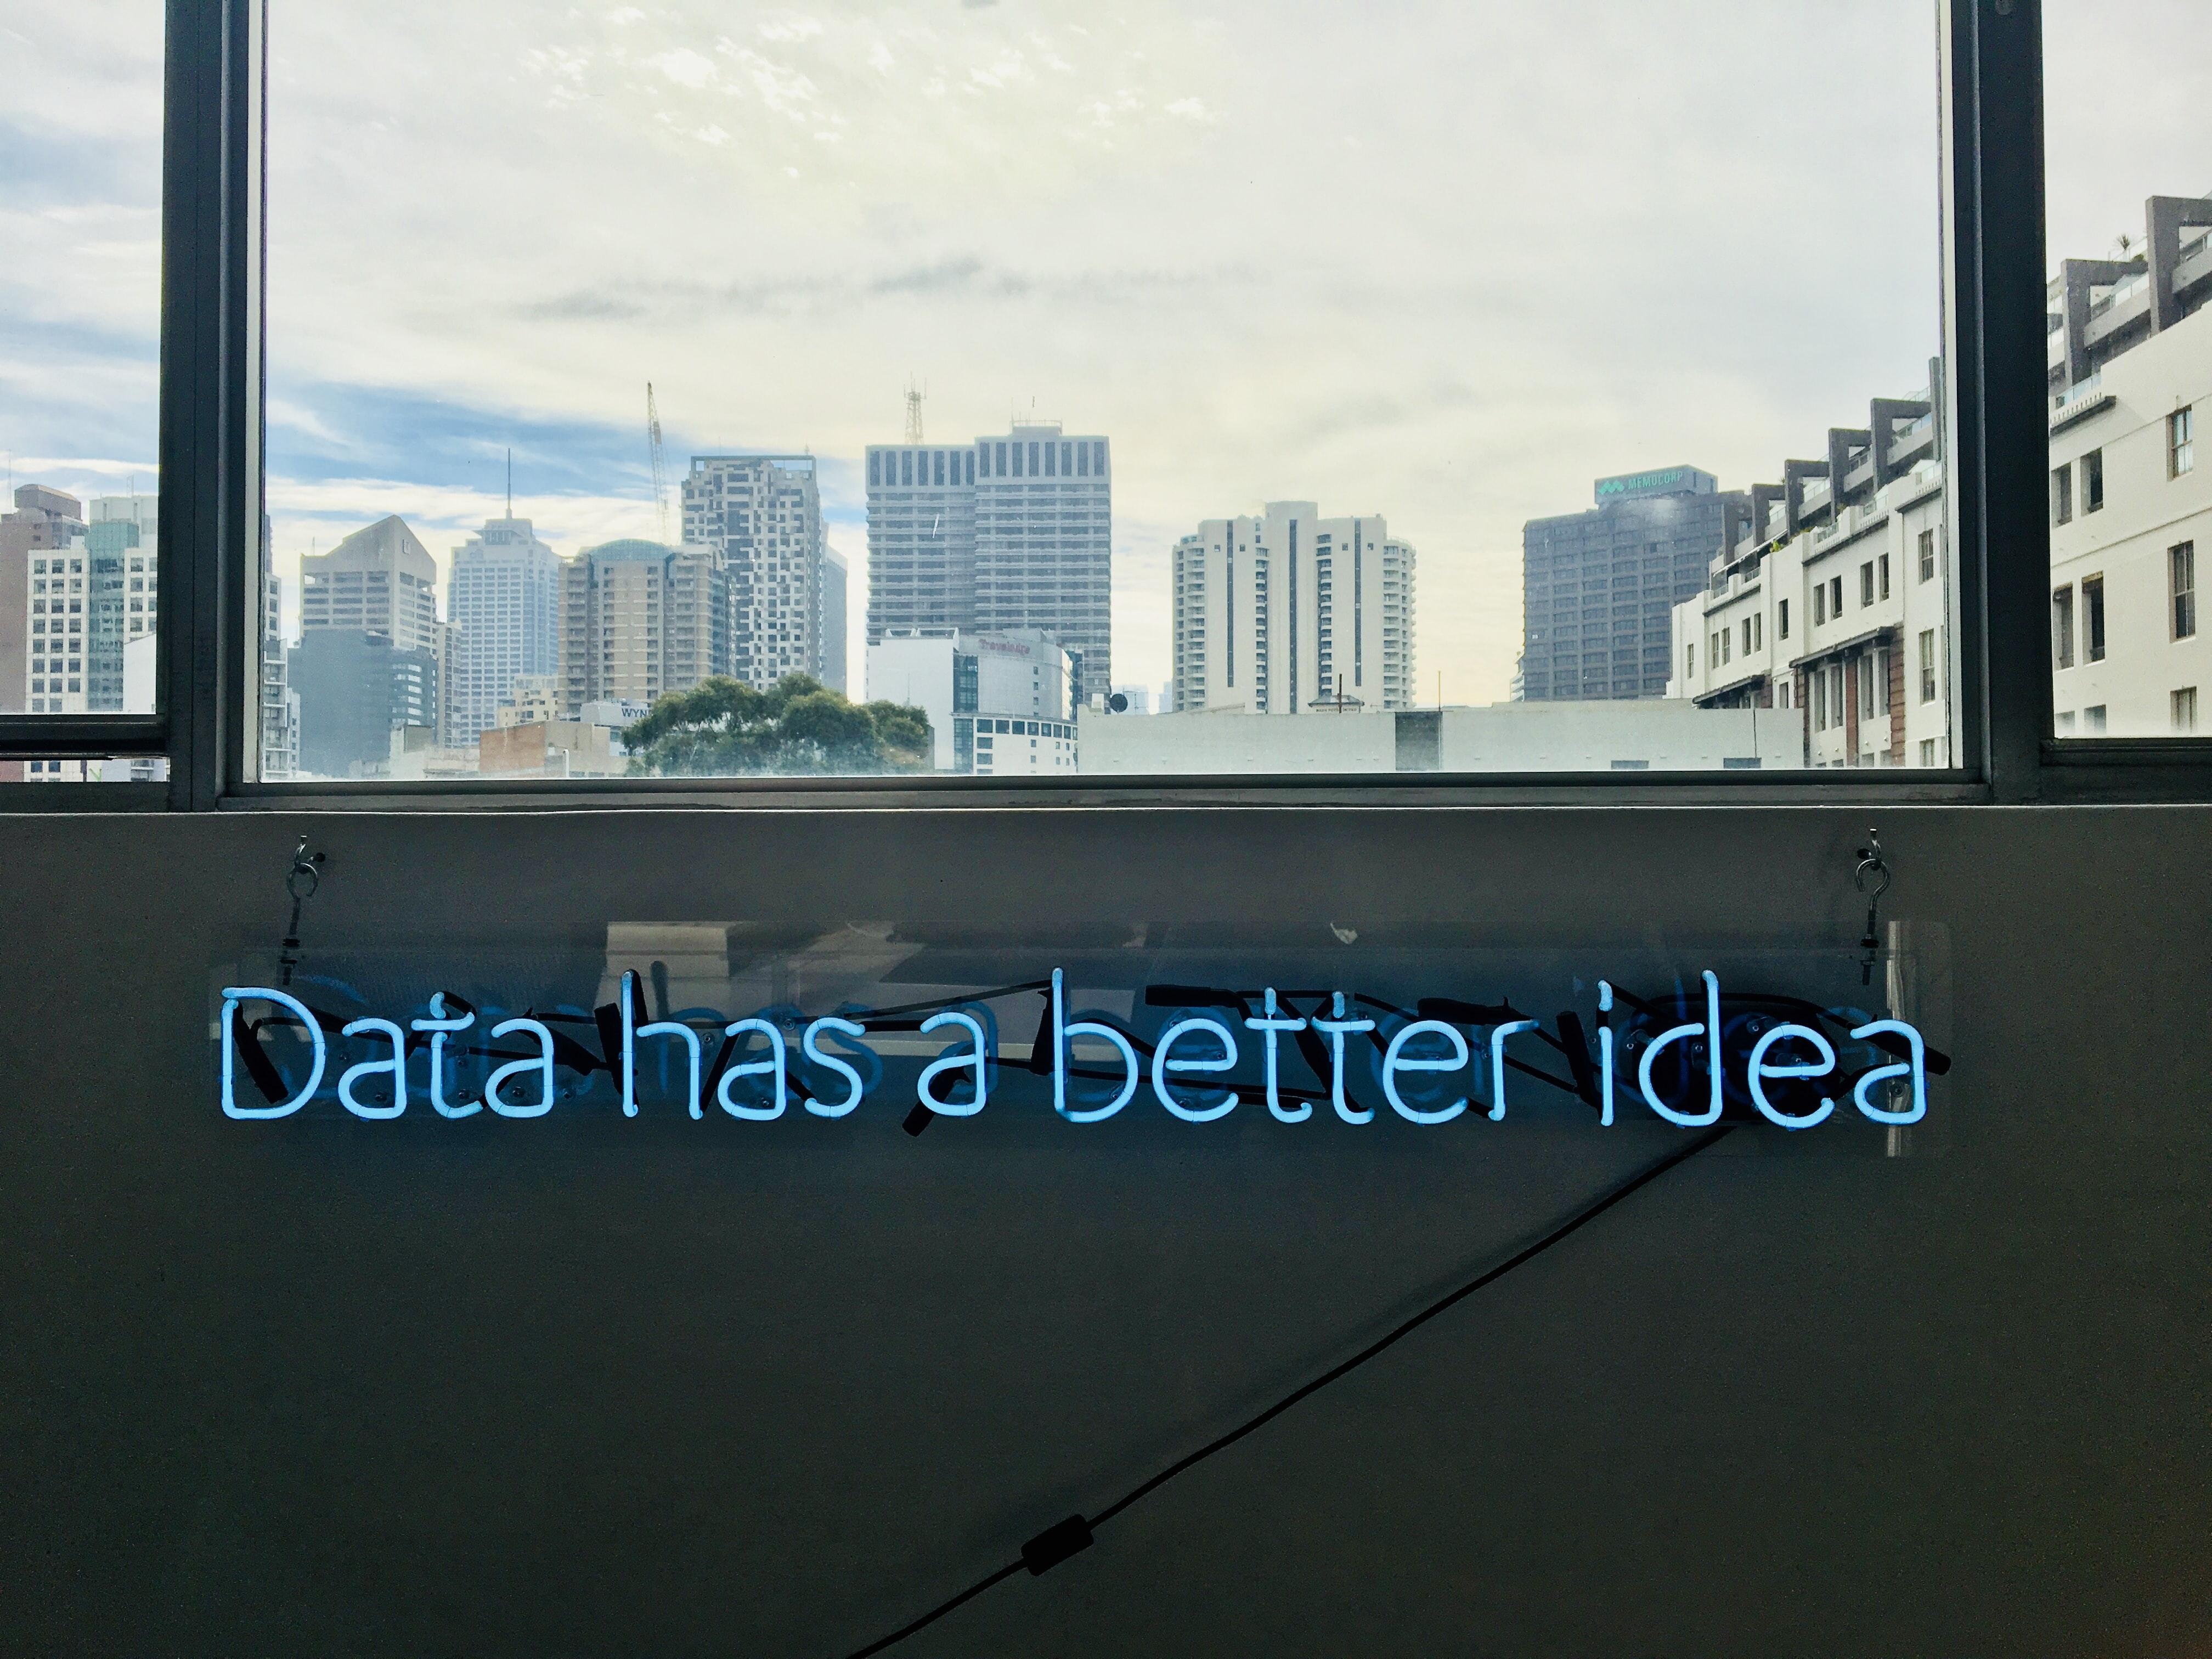 """<span>Photo by <a href=""""https://unsplash.com/@franki?utm_source=unsplash&amp;utm_medium=referral&amp;utm_content=creditCopyText"""">Franki Chamaki</a> on <a href=""""https://unsplash.com/s/photos/data-knows-better?utm_source=unsplash&amp;utm_medium=referral&amp;utm_content=creditCopyText"""">Unsplash</a></span>"""